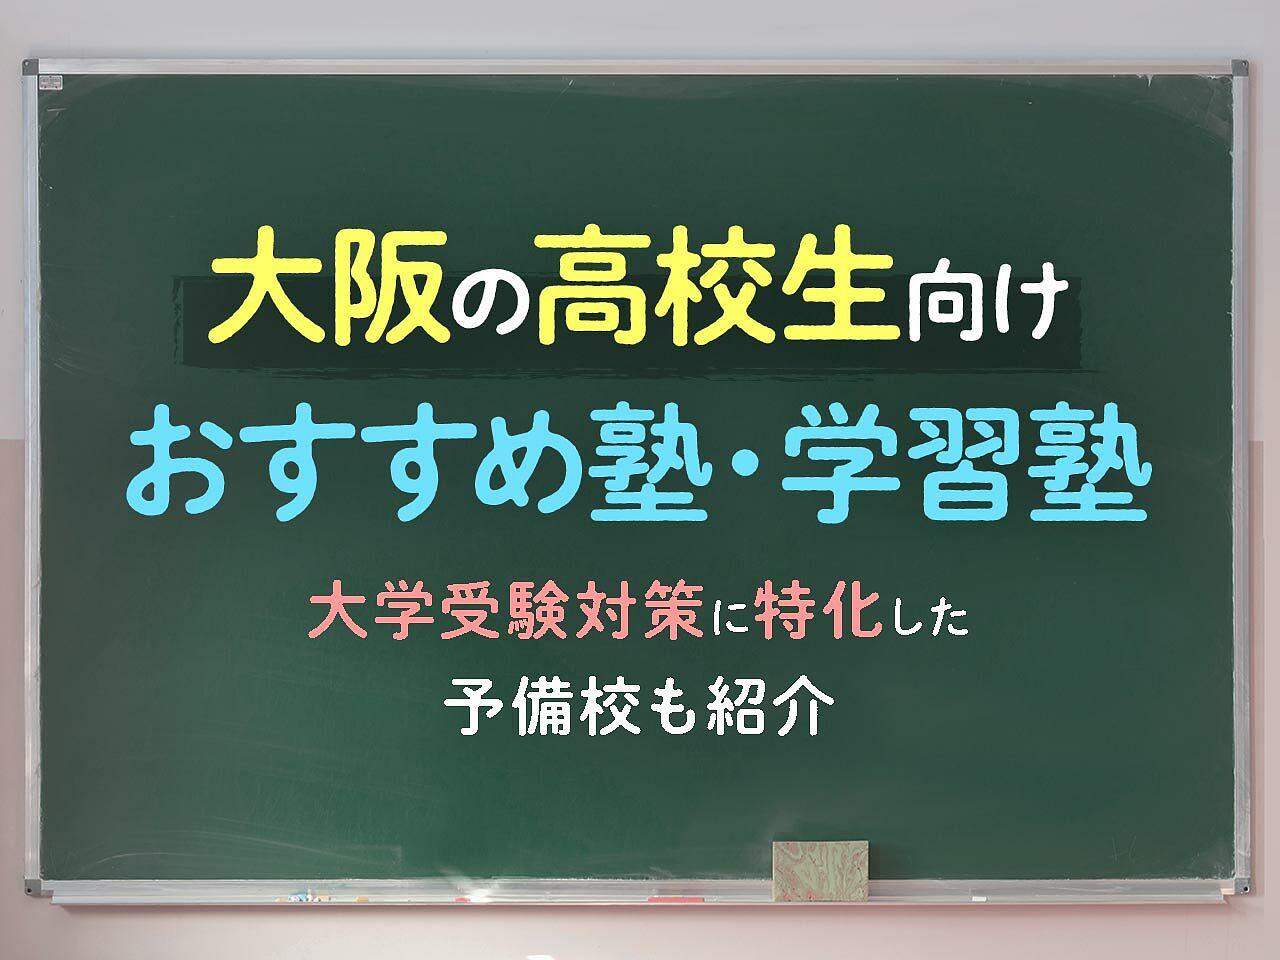 大阪の高校生向け塾・学習塾おすすめ28選!大学受験対策に特化した予備校もご紹介の画像